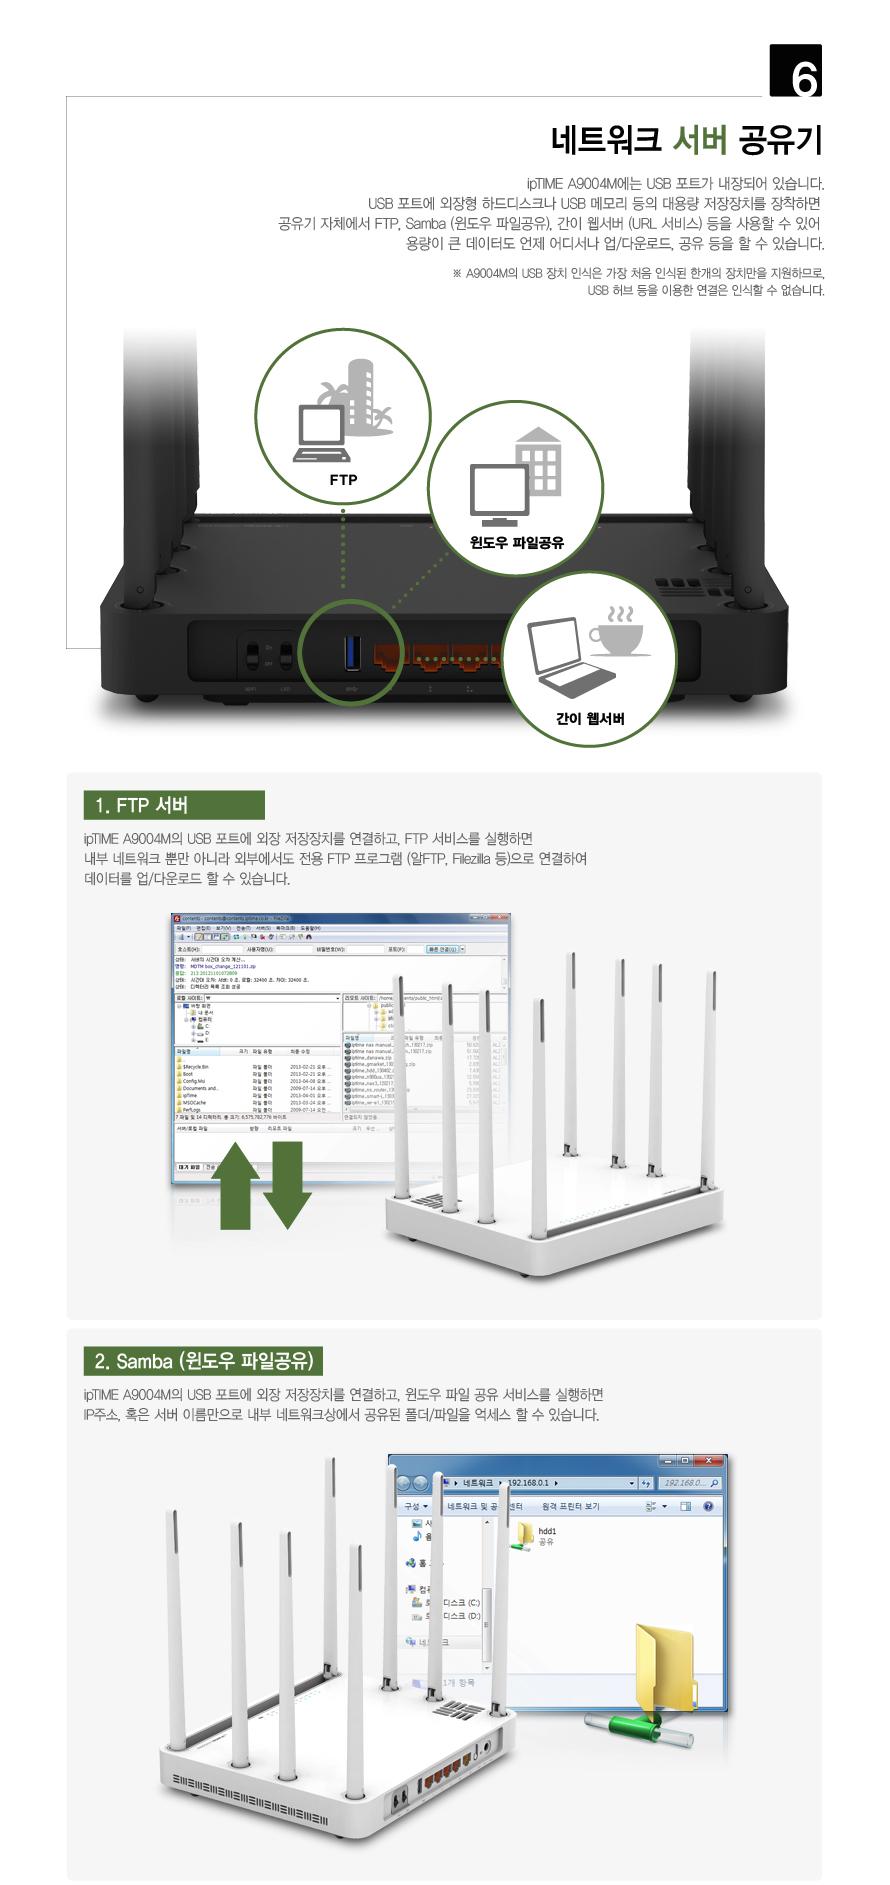 EFM ipTIME A9004M 유무선공유기